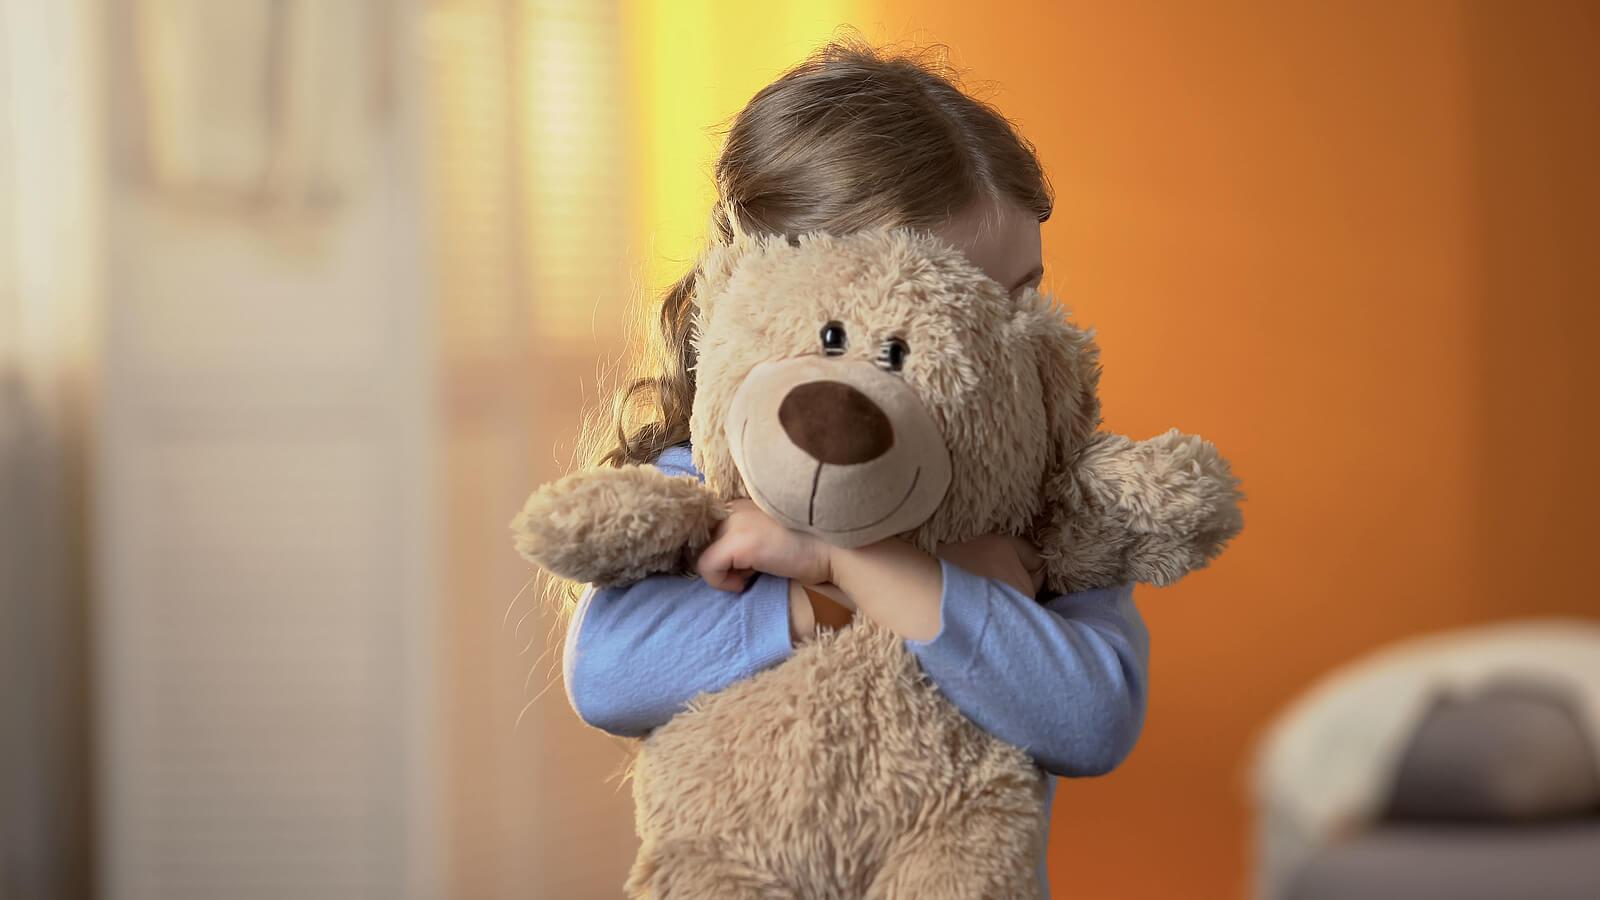 Niña abrazando un osito de peluche porque tiene miedo.